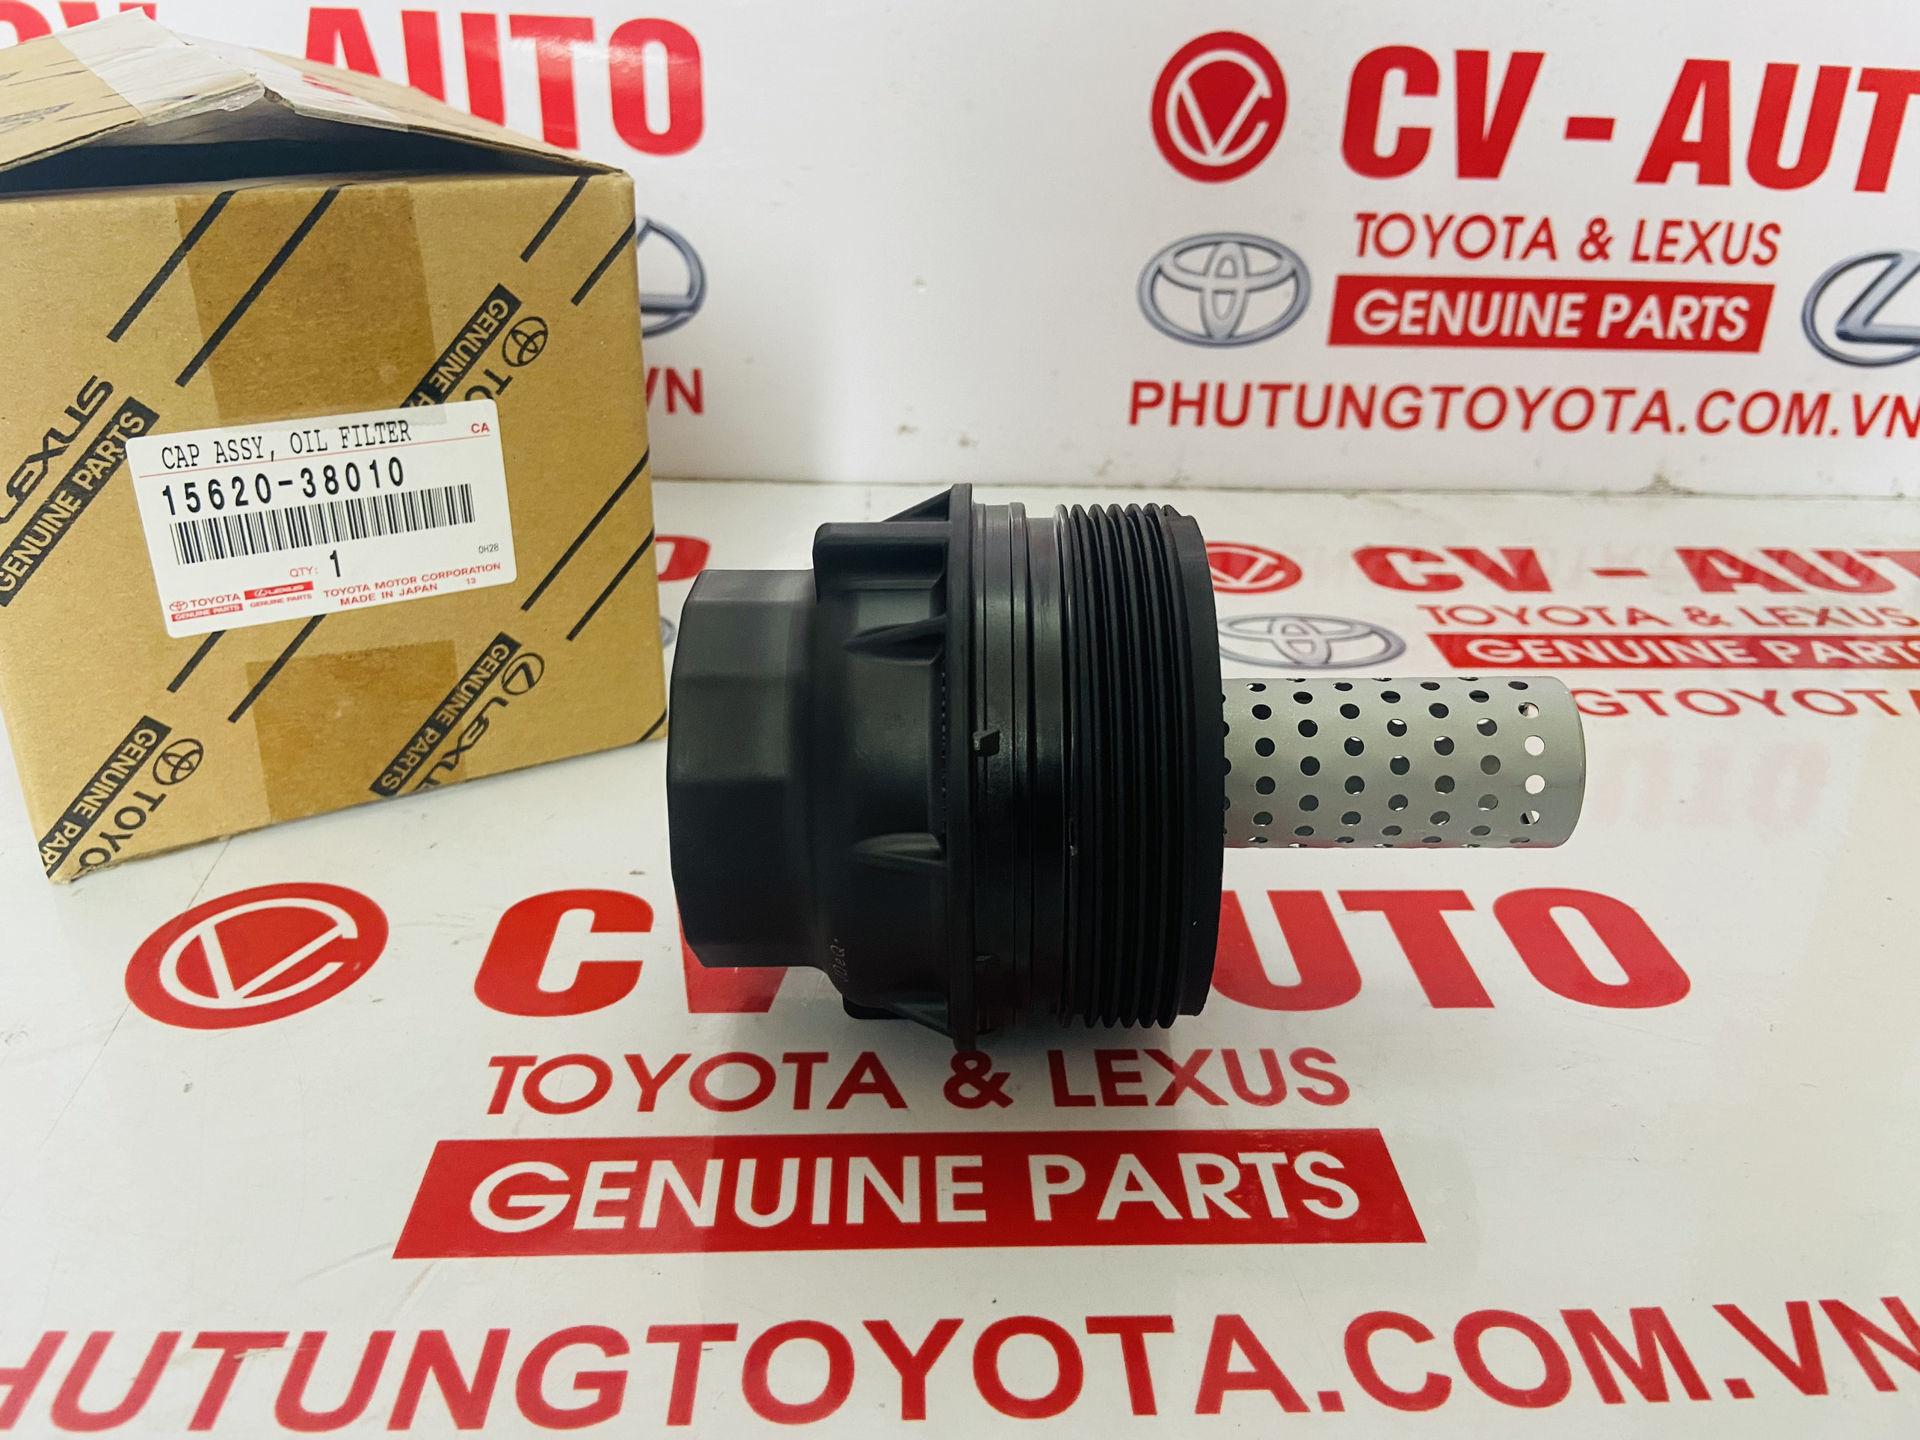 Picture of 15620-38010, 1562038010 Nắp lọc dầu Lexus LX570, Toyota Land Cruiser 3UR chính hãng